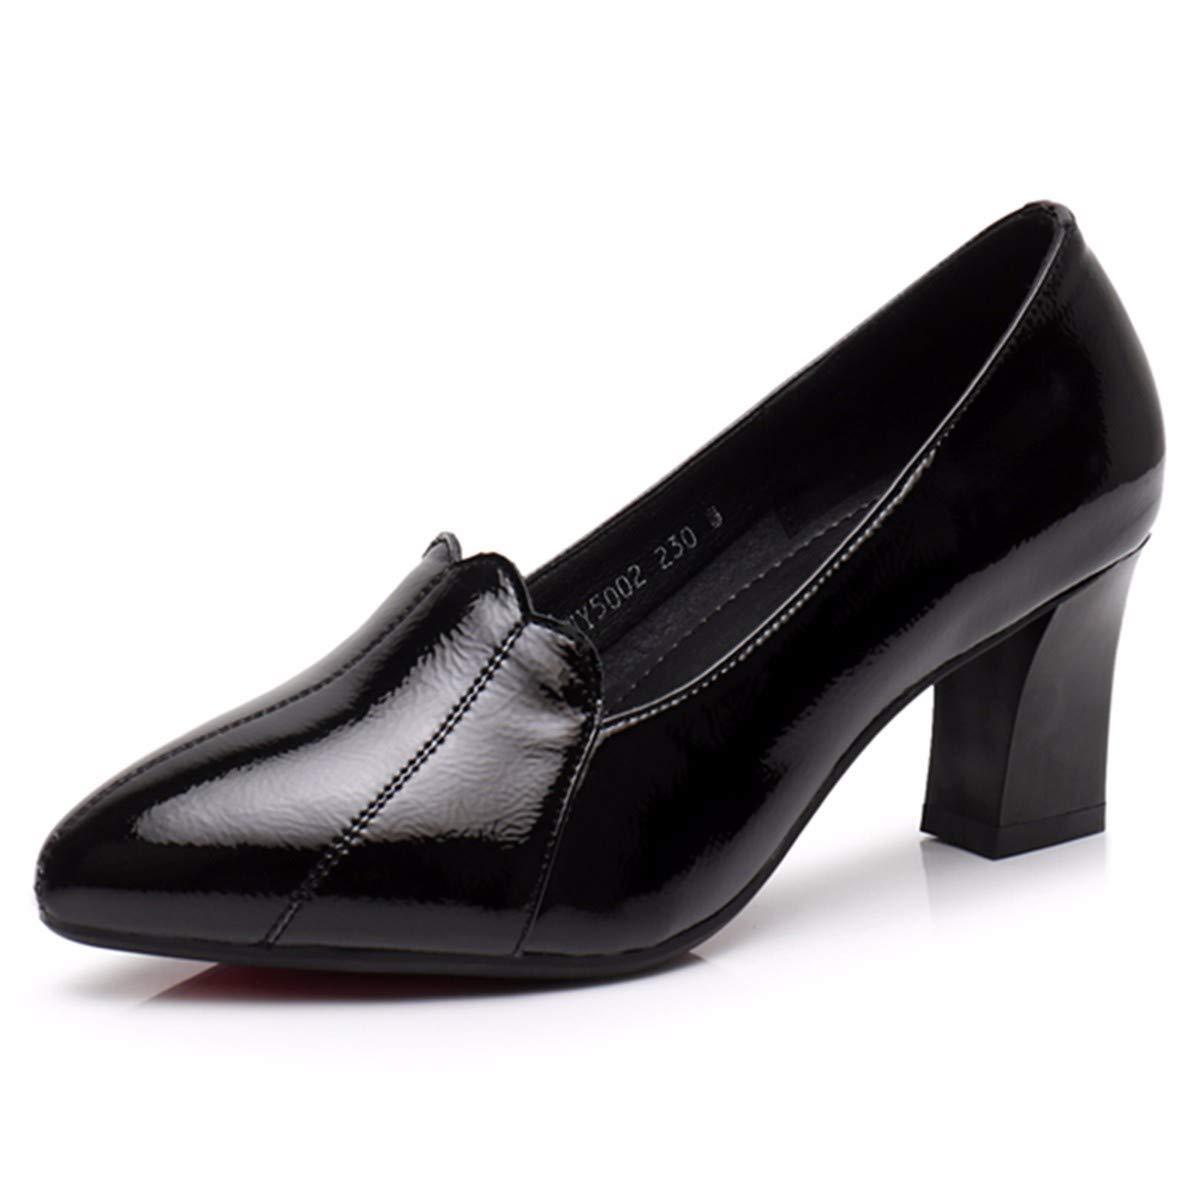 KPHY Damenschuhe/Lack Einzelne Einzelne Einzelne Schuhe Frühling Leder Damenschuhe Flachen Dicken 6 cm High Heels Wilde Skins.34 des - 36ff66